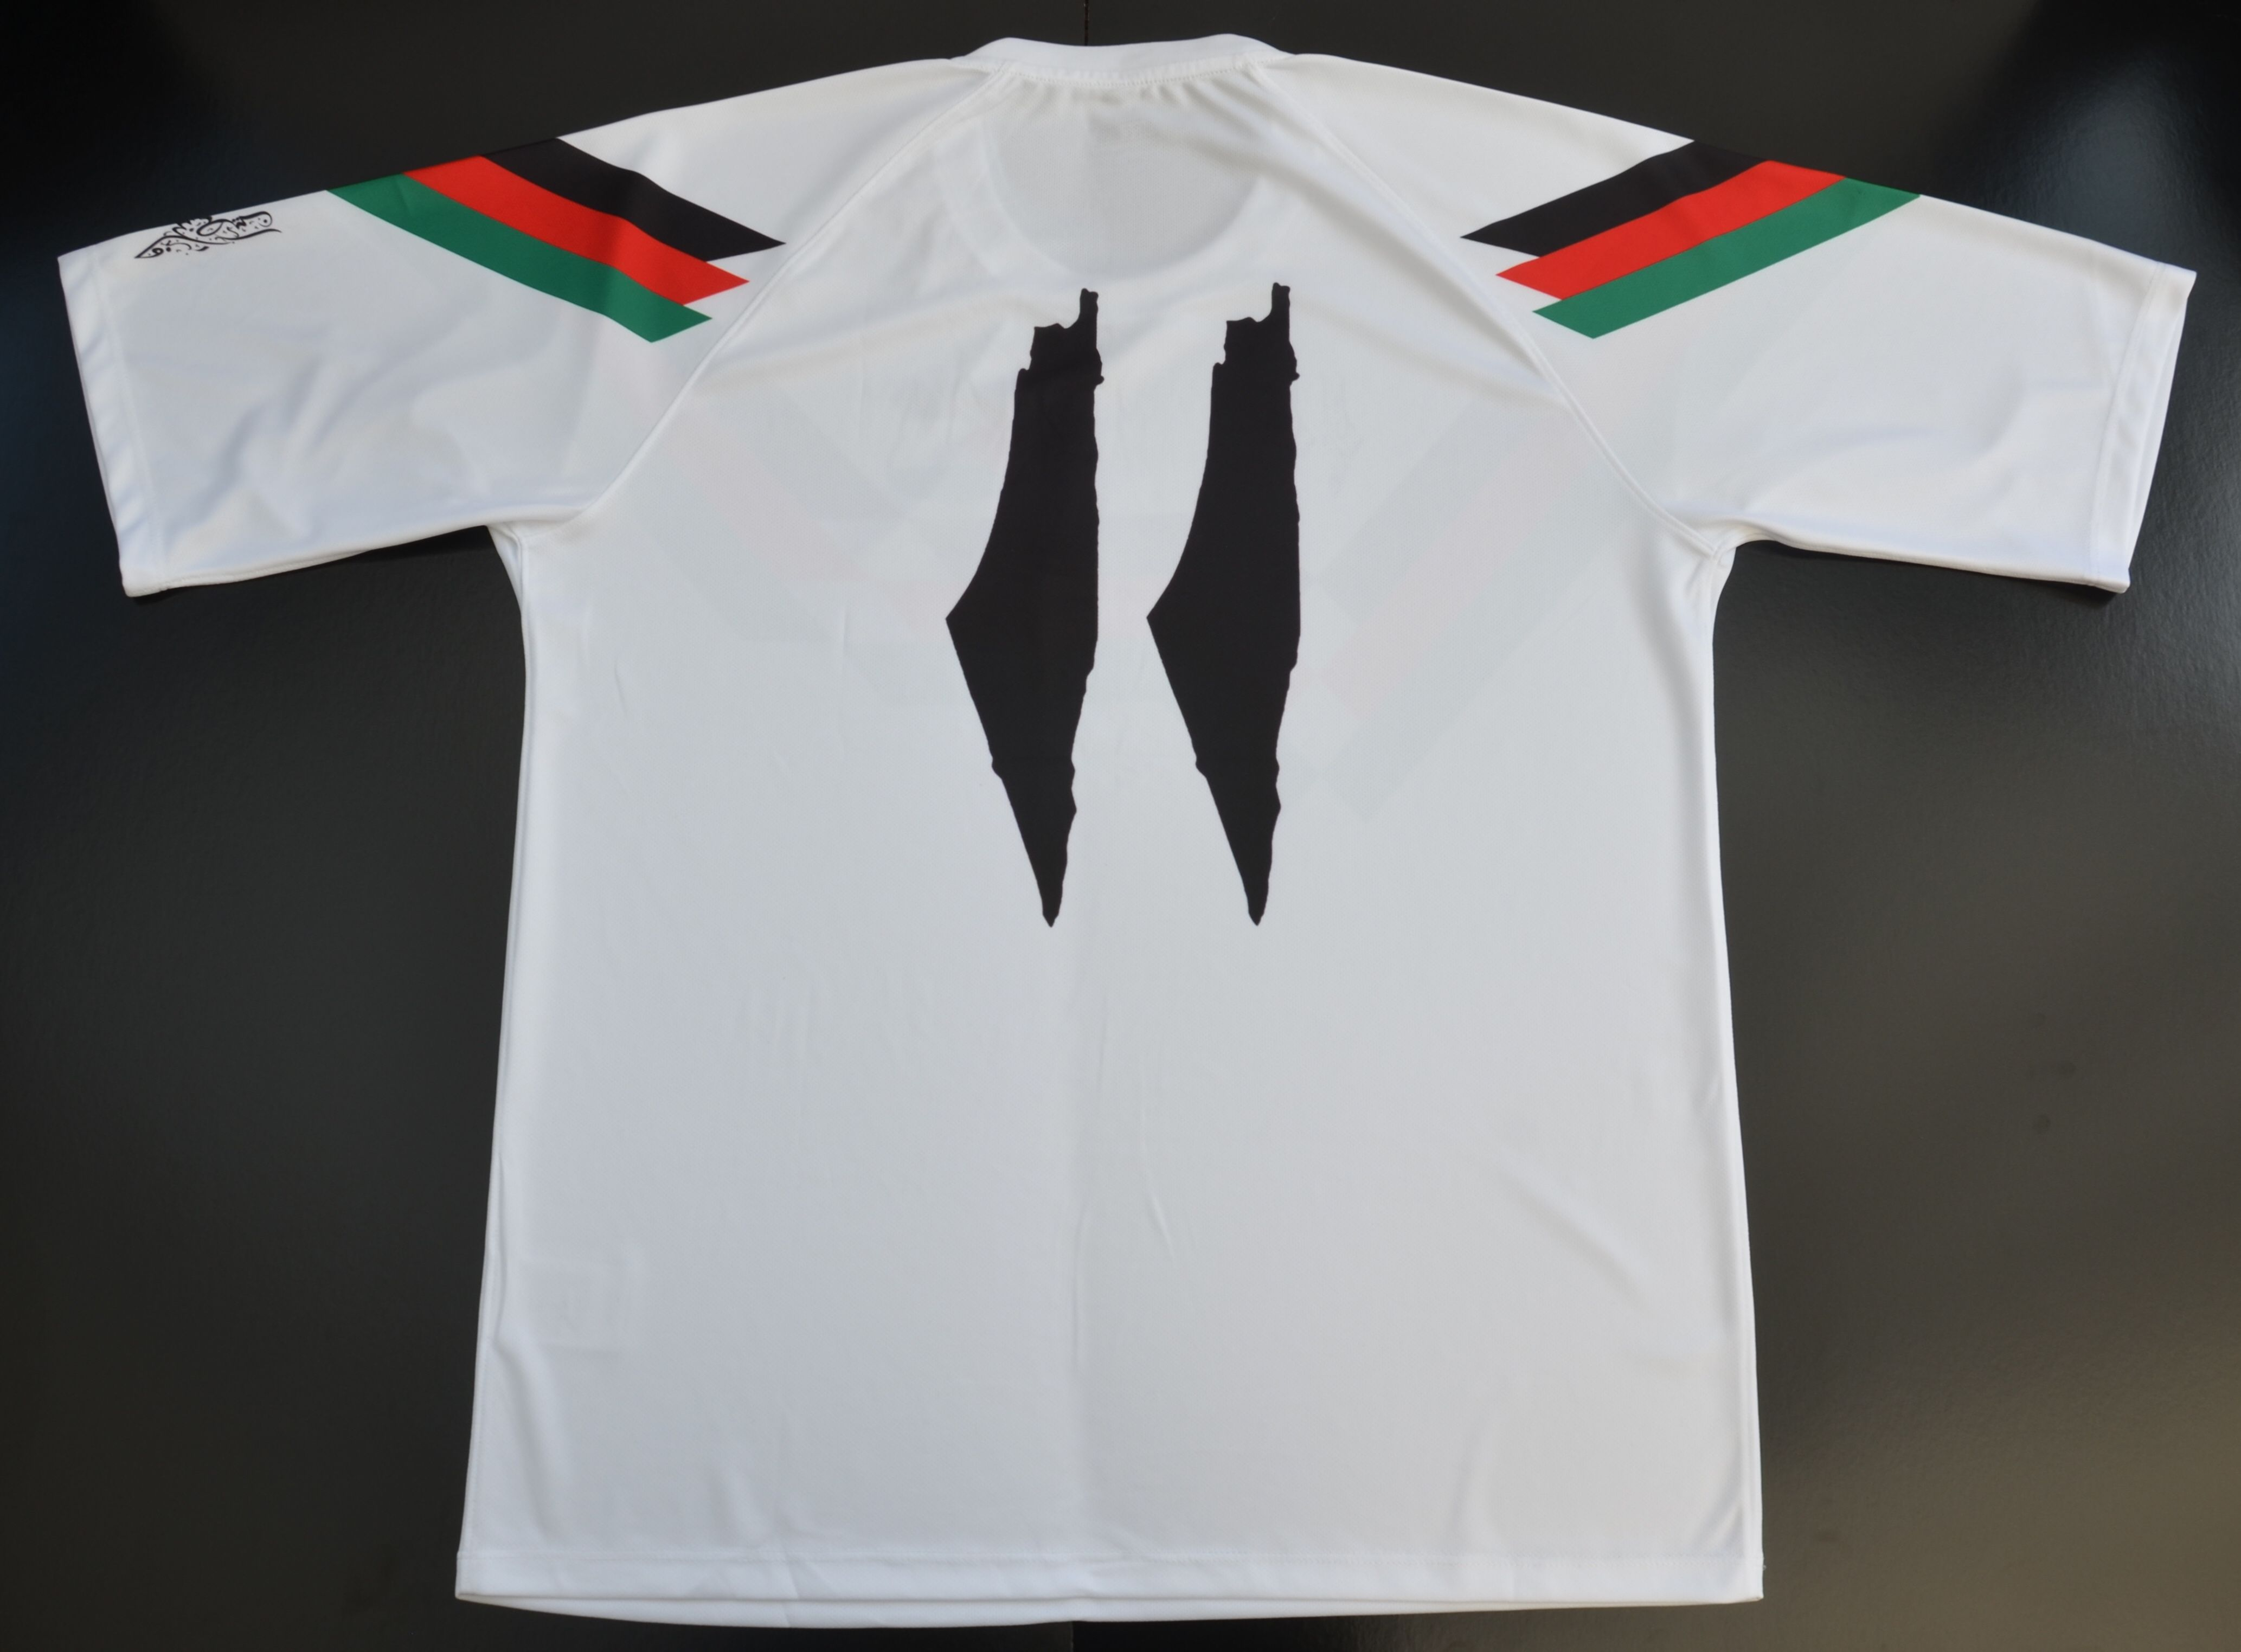 Palestine football jersey shirt. FC Palestina. Palestino. Gaza. Filistin 753594a76